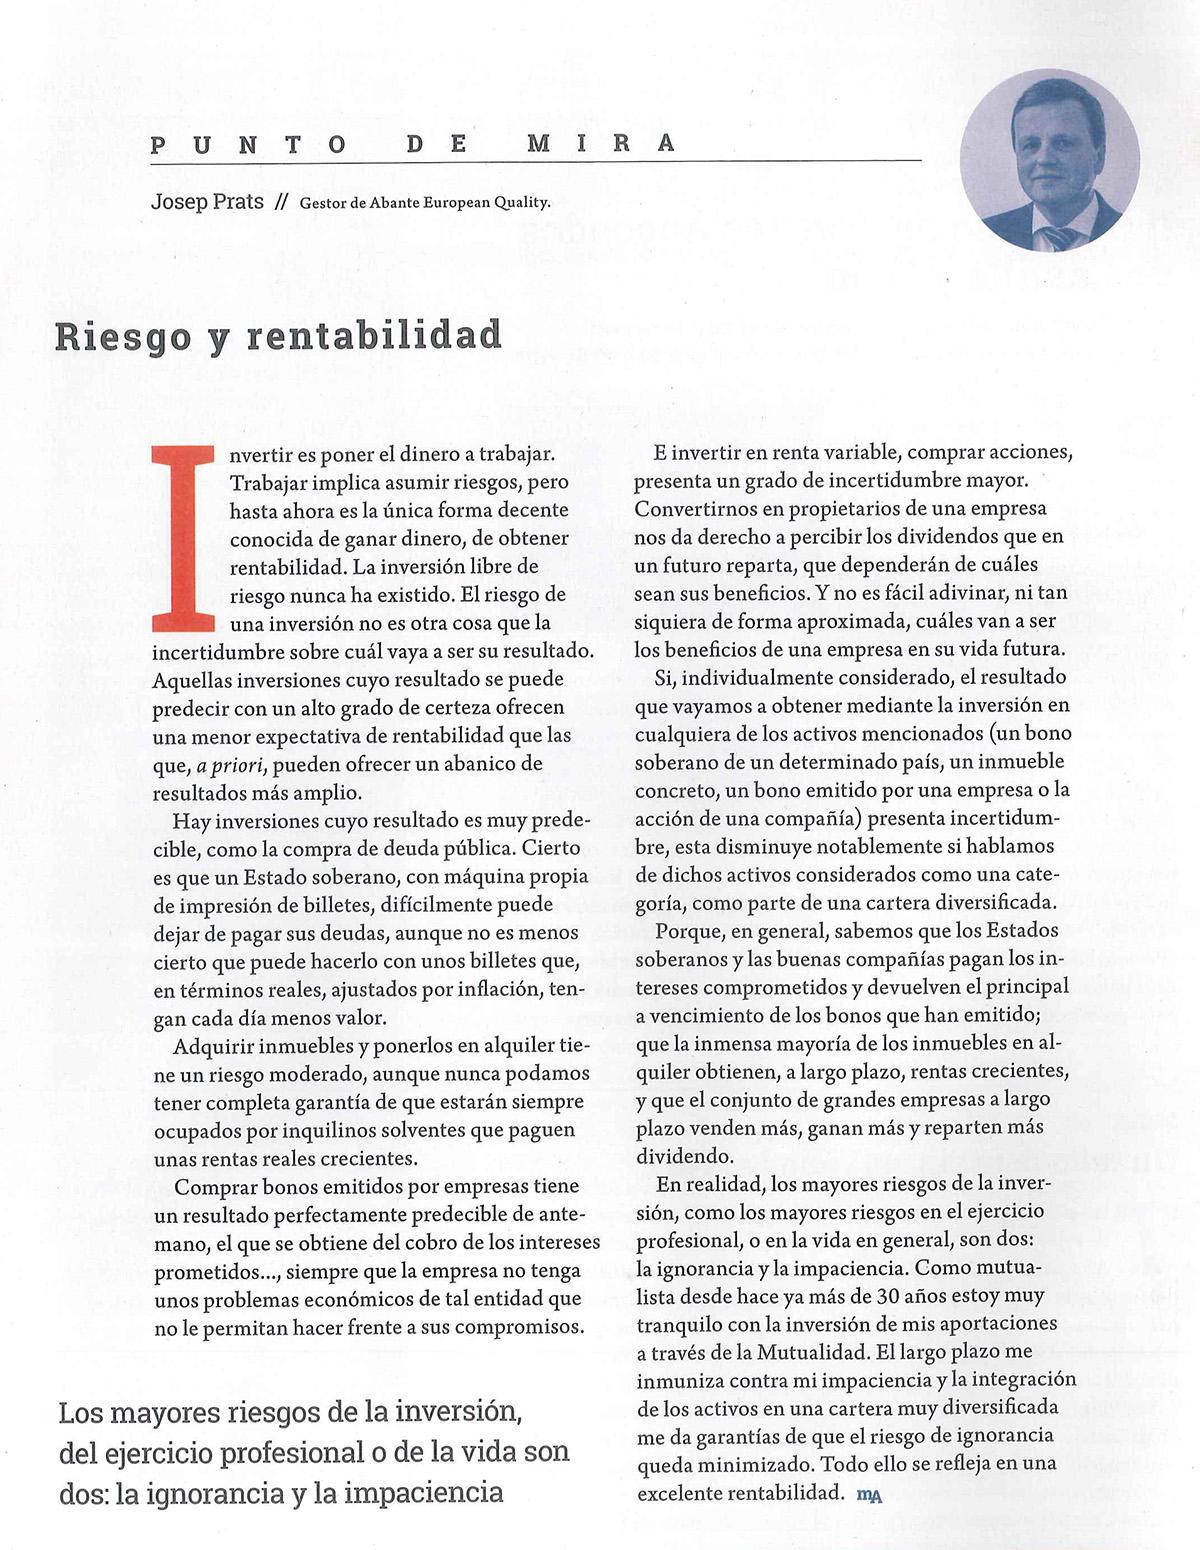 Revista de la Mutualidad de la Abogacia Prats Riesgo y Rentabilidad